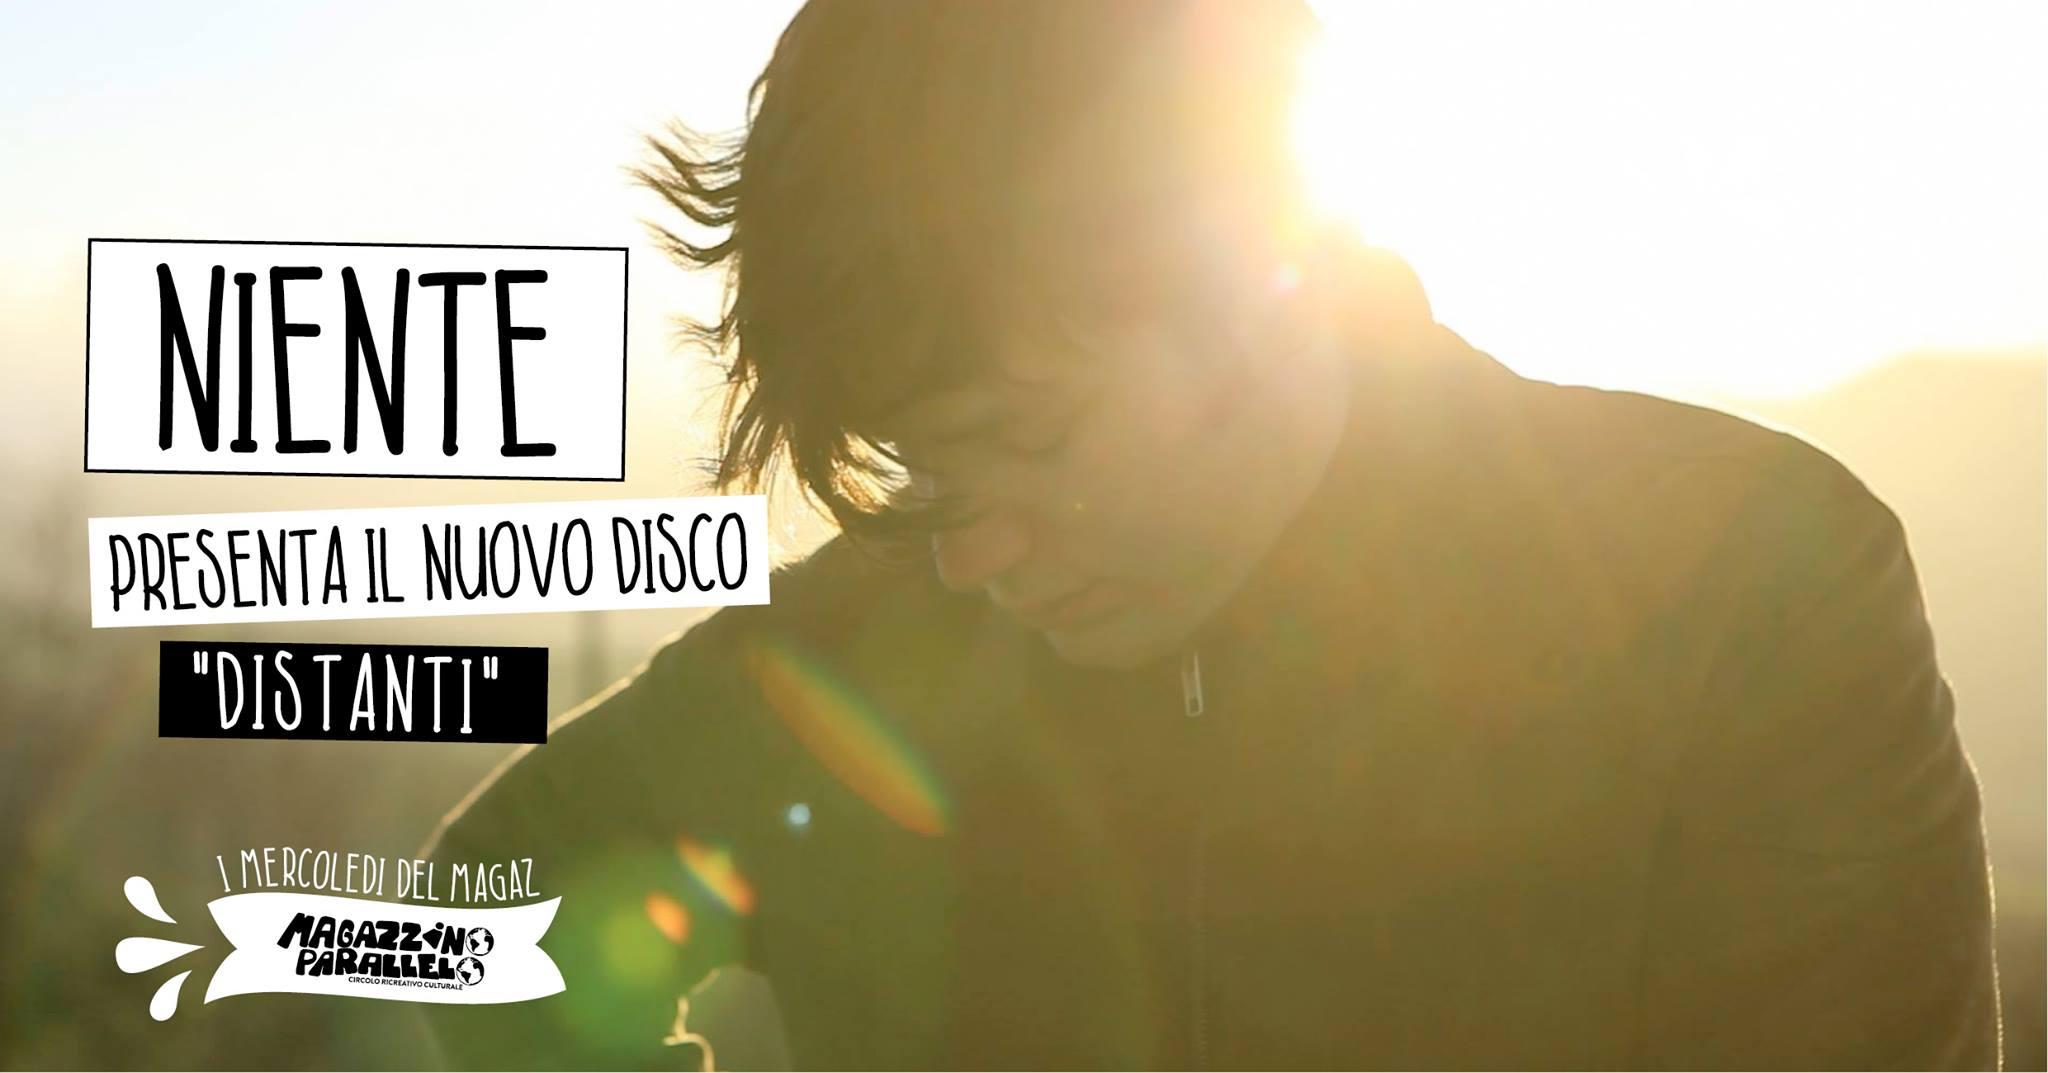 Niente live / at Magazzino Parallelo